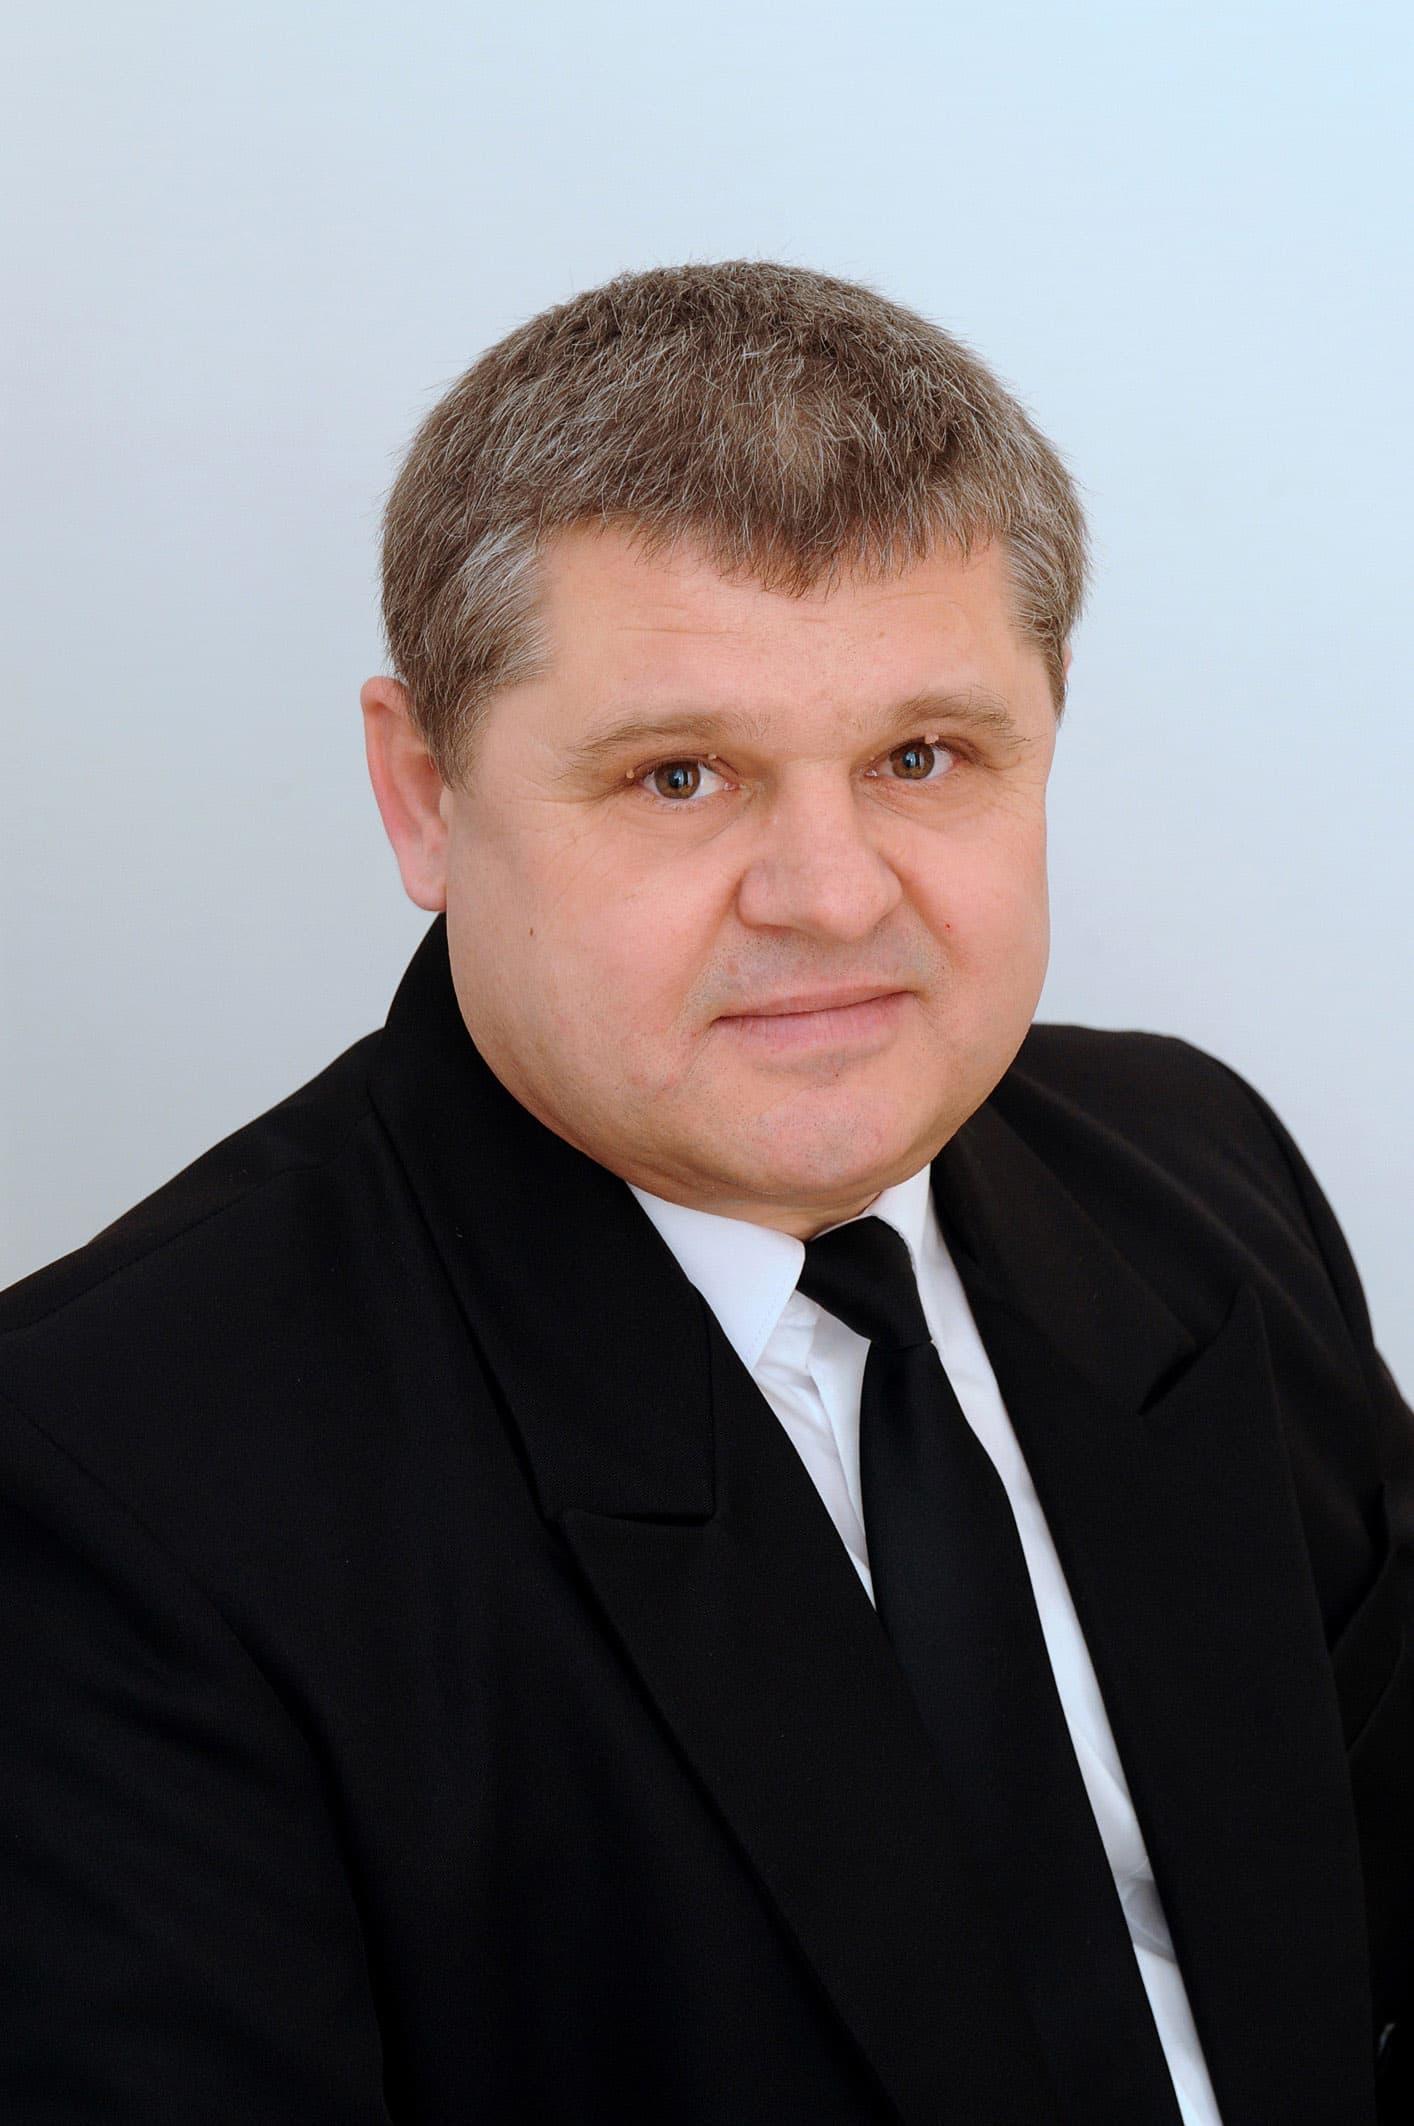 Rádóczki Pál Magyar Nemzeti Bank fegyveres biztonsági őrség fegyveres biztonsági őr Elnöki Elismerő Oklevélben részesült 2011-ben